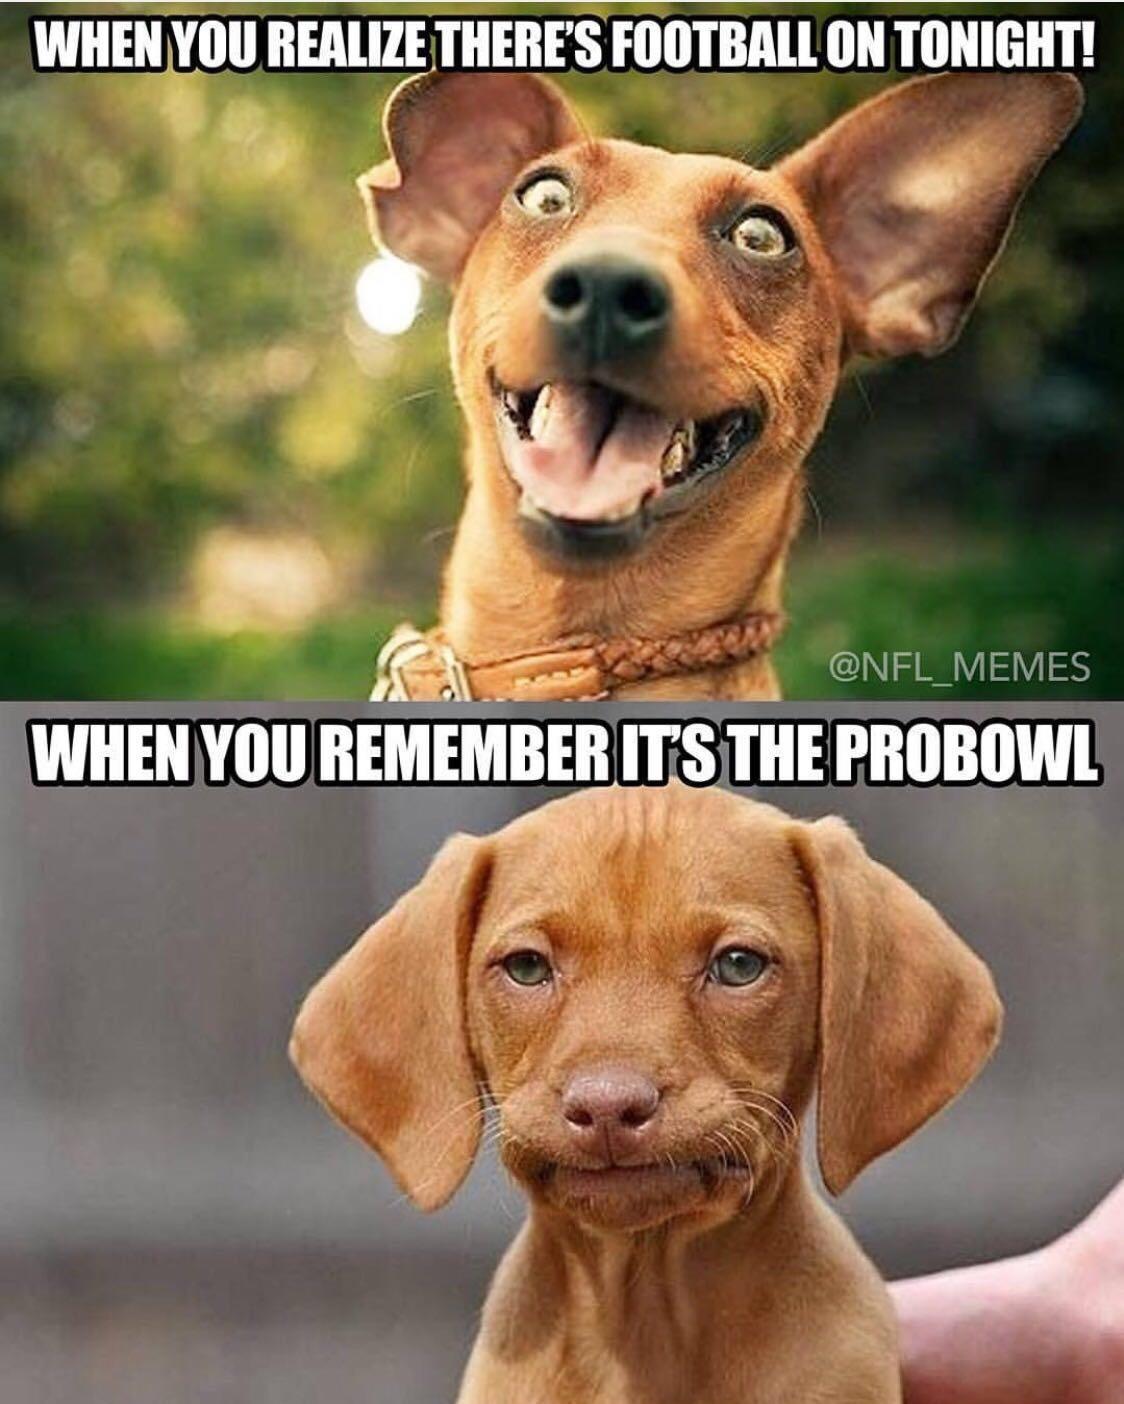 pro bowl - meme